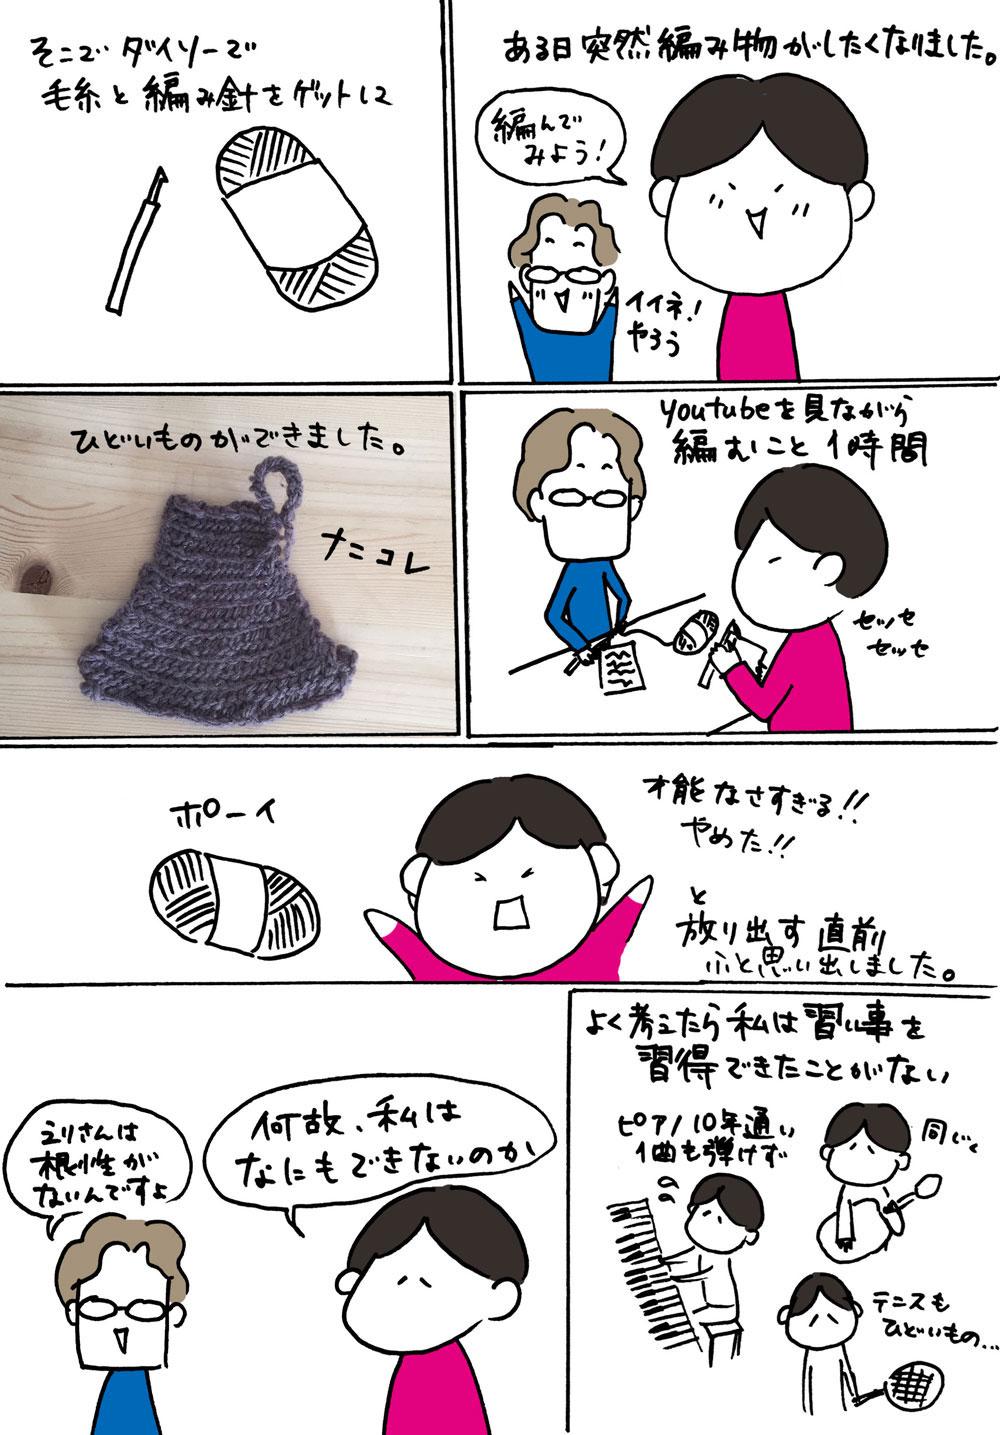 編み物から、物事の習得にFOCUS!